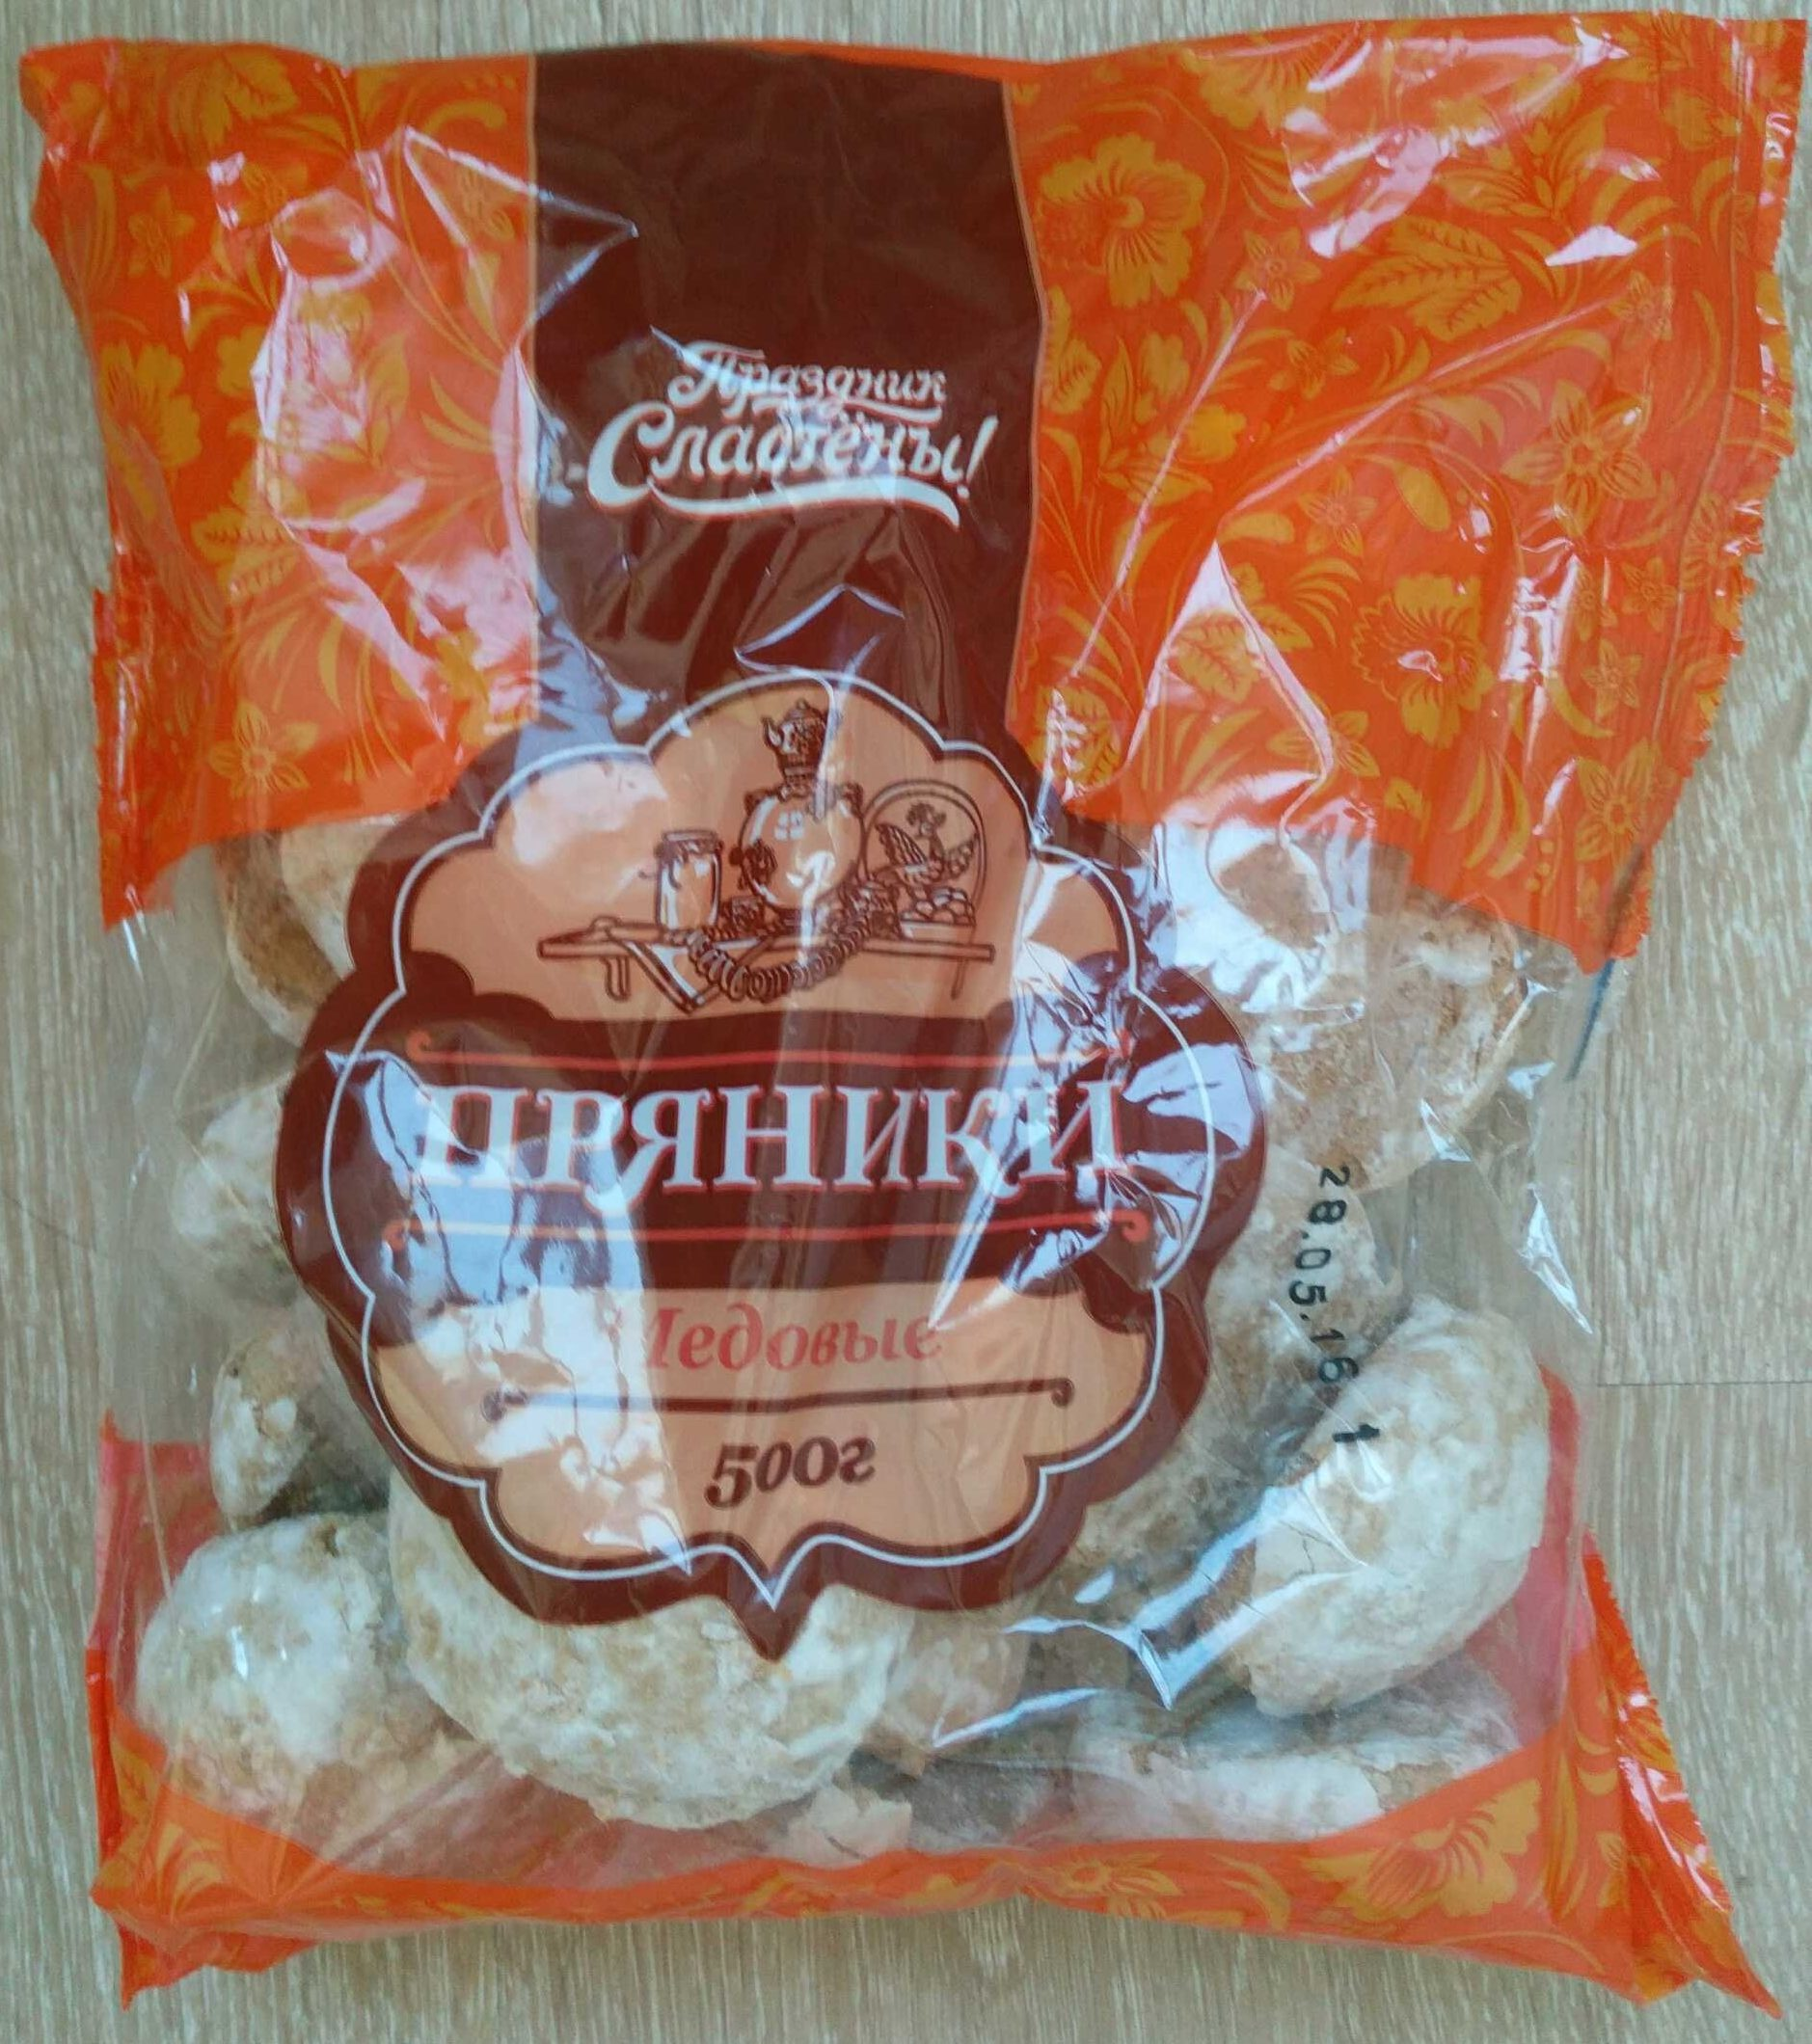 Пряники заварные «Медовые» - Product - ru